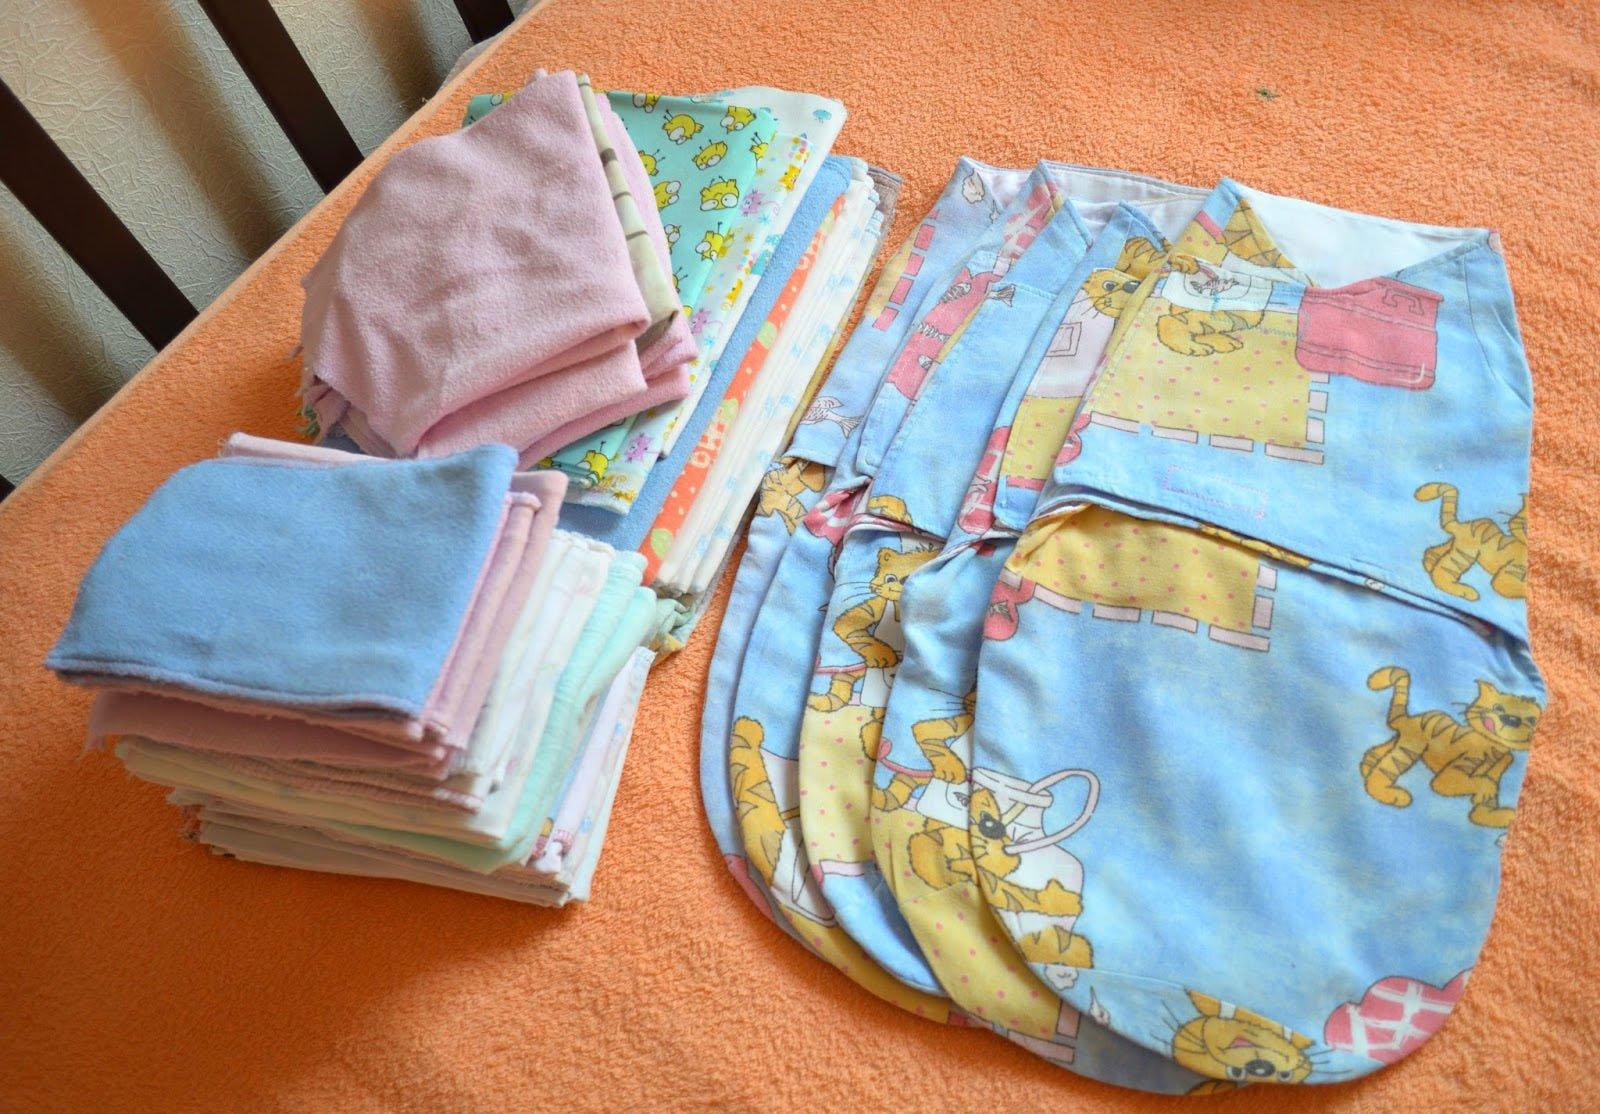 aa1129f3b6c8 Пошив для новорожденных. Фабрика одежды для новорожденных, пошив на ...